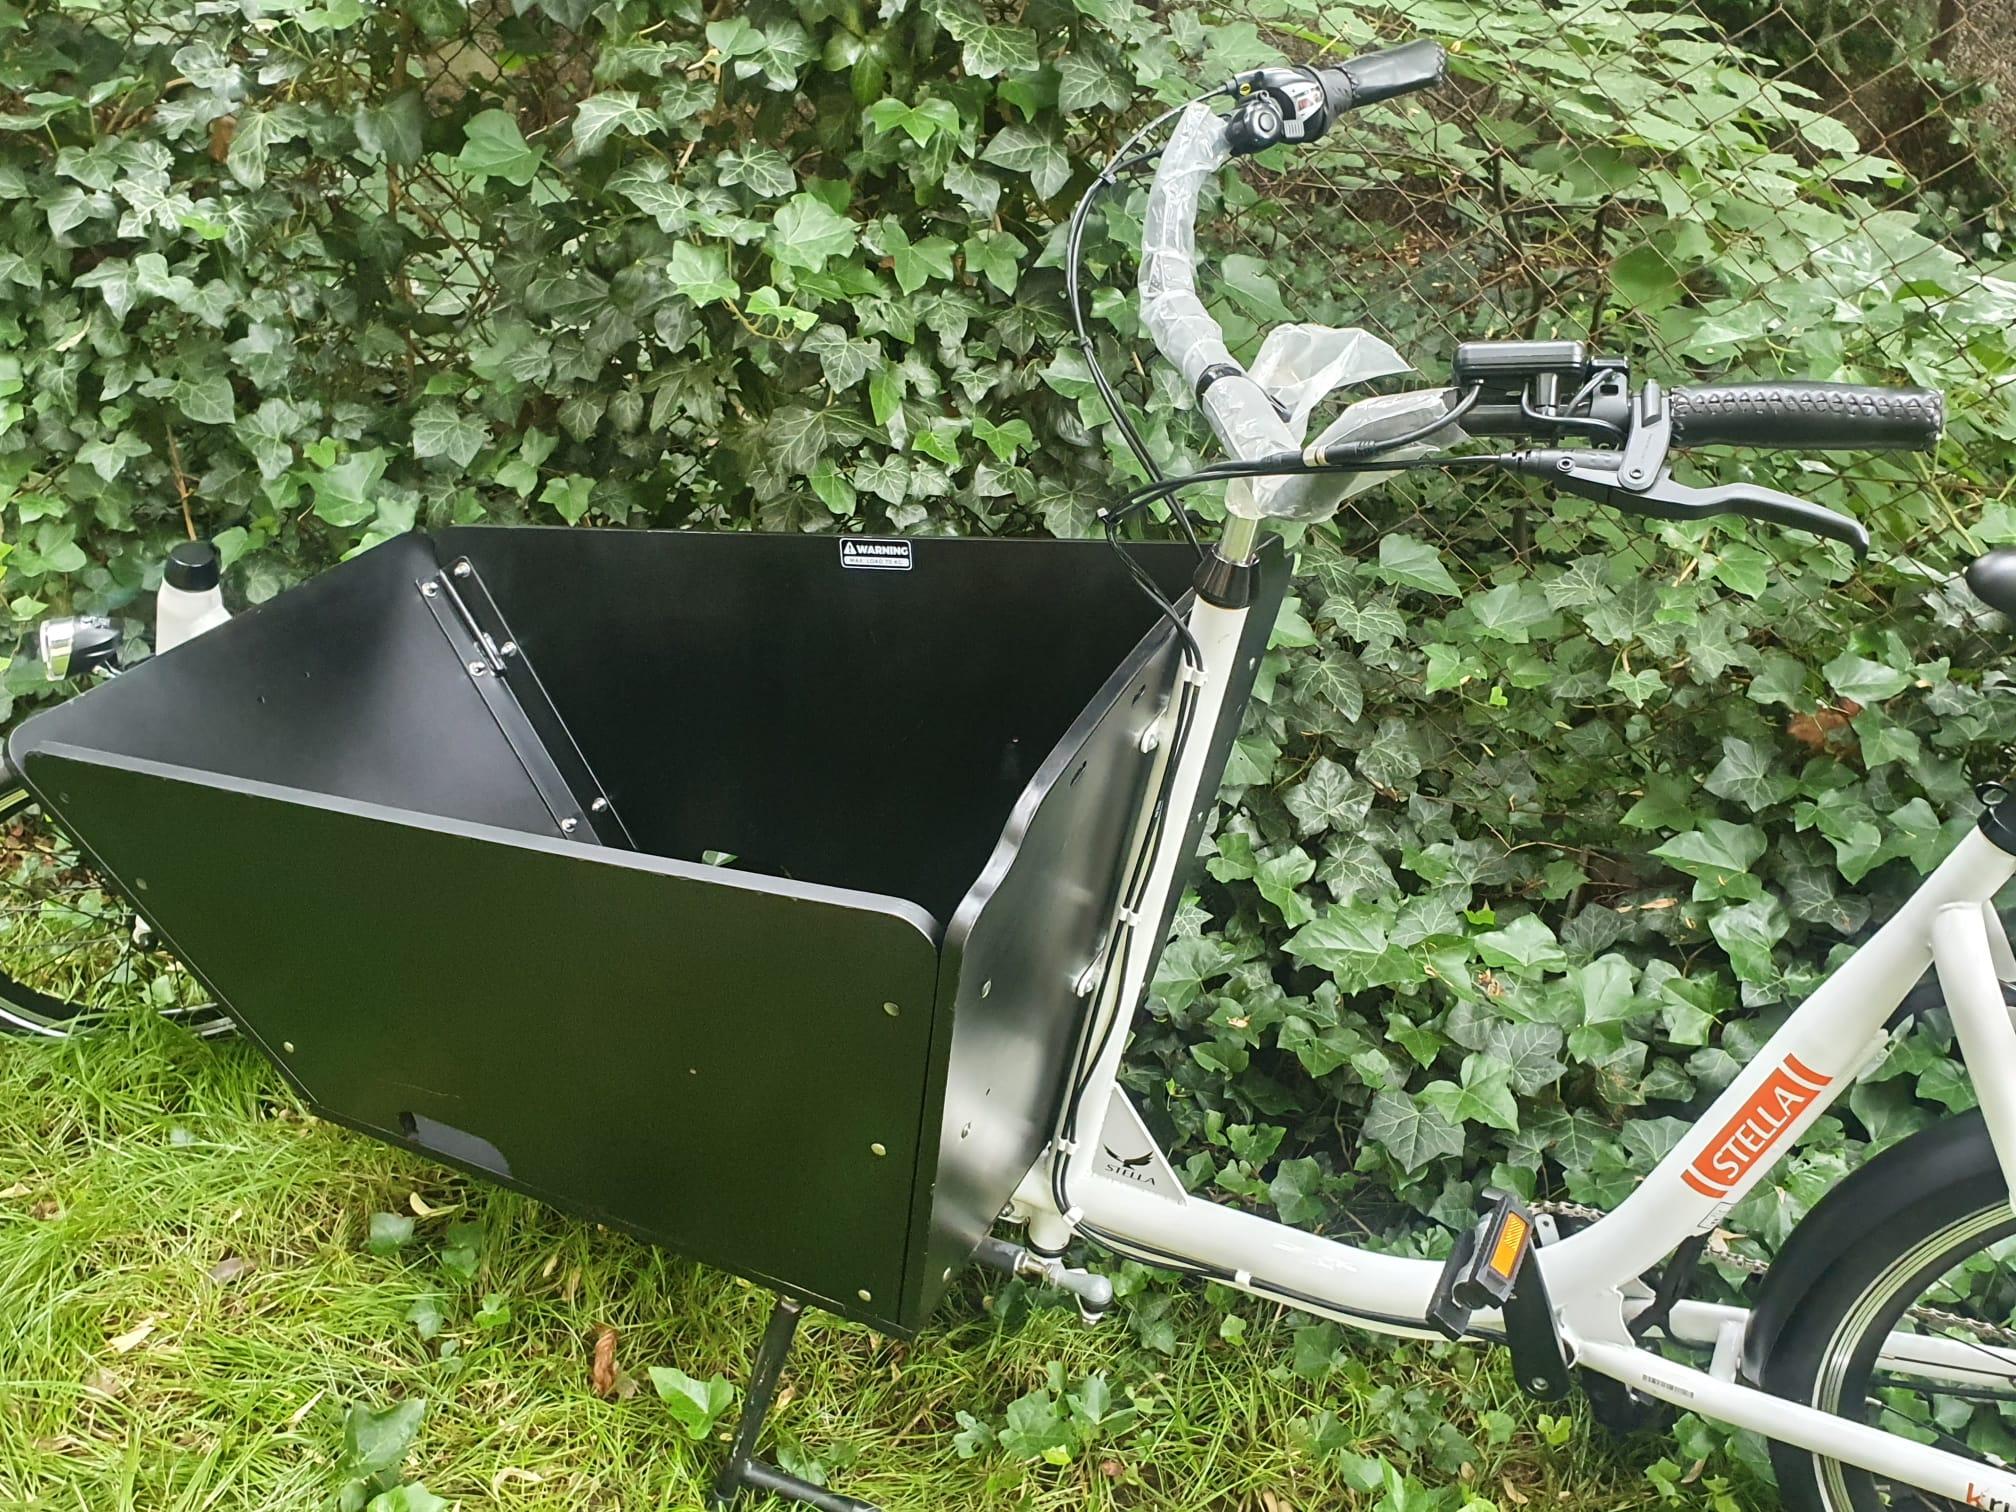 Stella Cargobike Lastrad E-Cargo, 25km/h